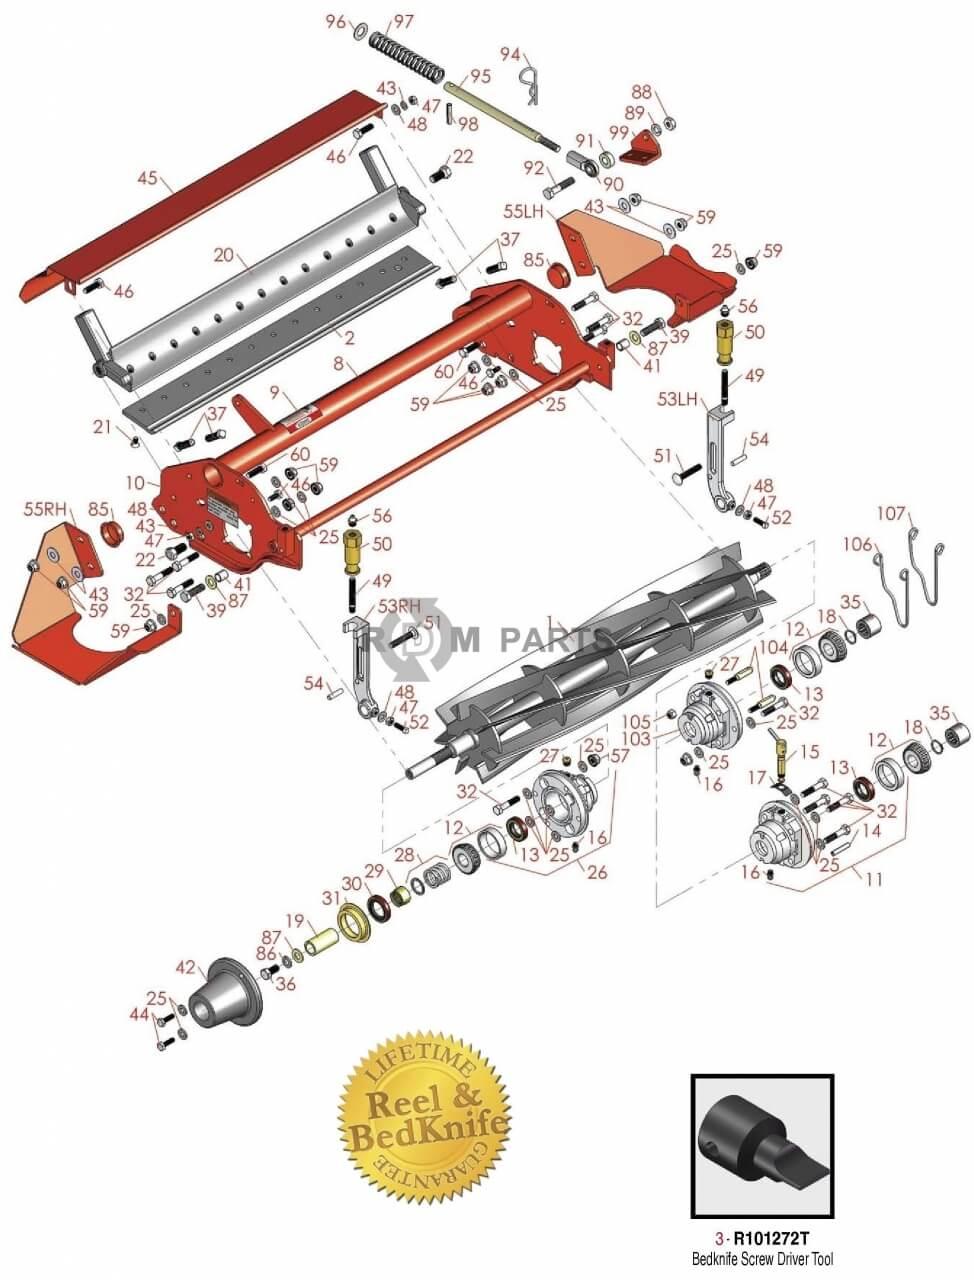 Jacobsen Tractor Wiring Diagram Schematics Ford 5000 Diesel Lf3800 Parts Rdm Sears